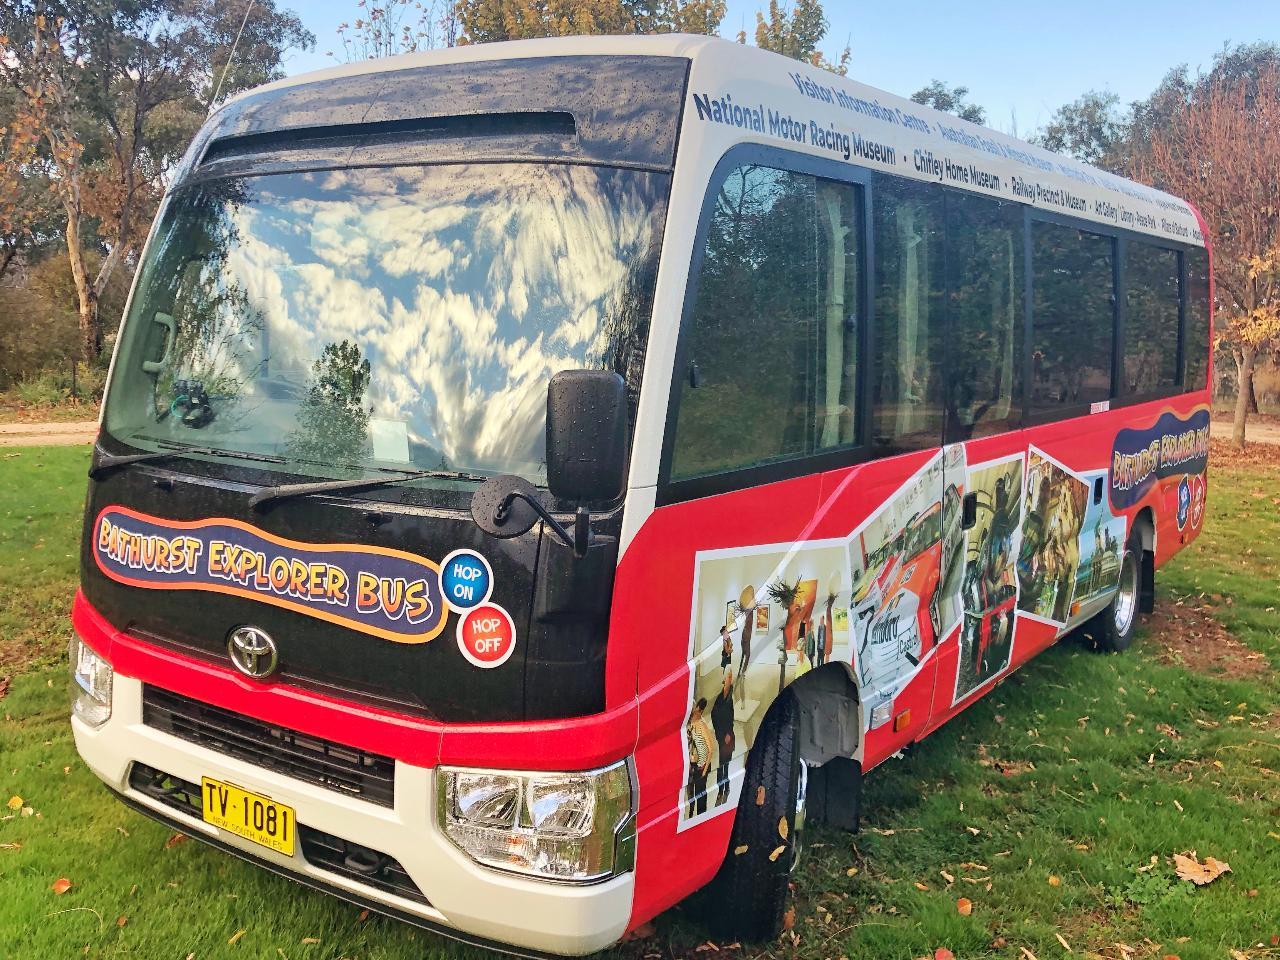 Bathurst Explorer Bus Tours